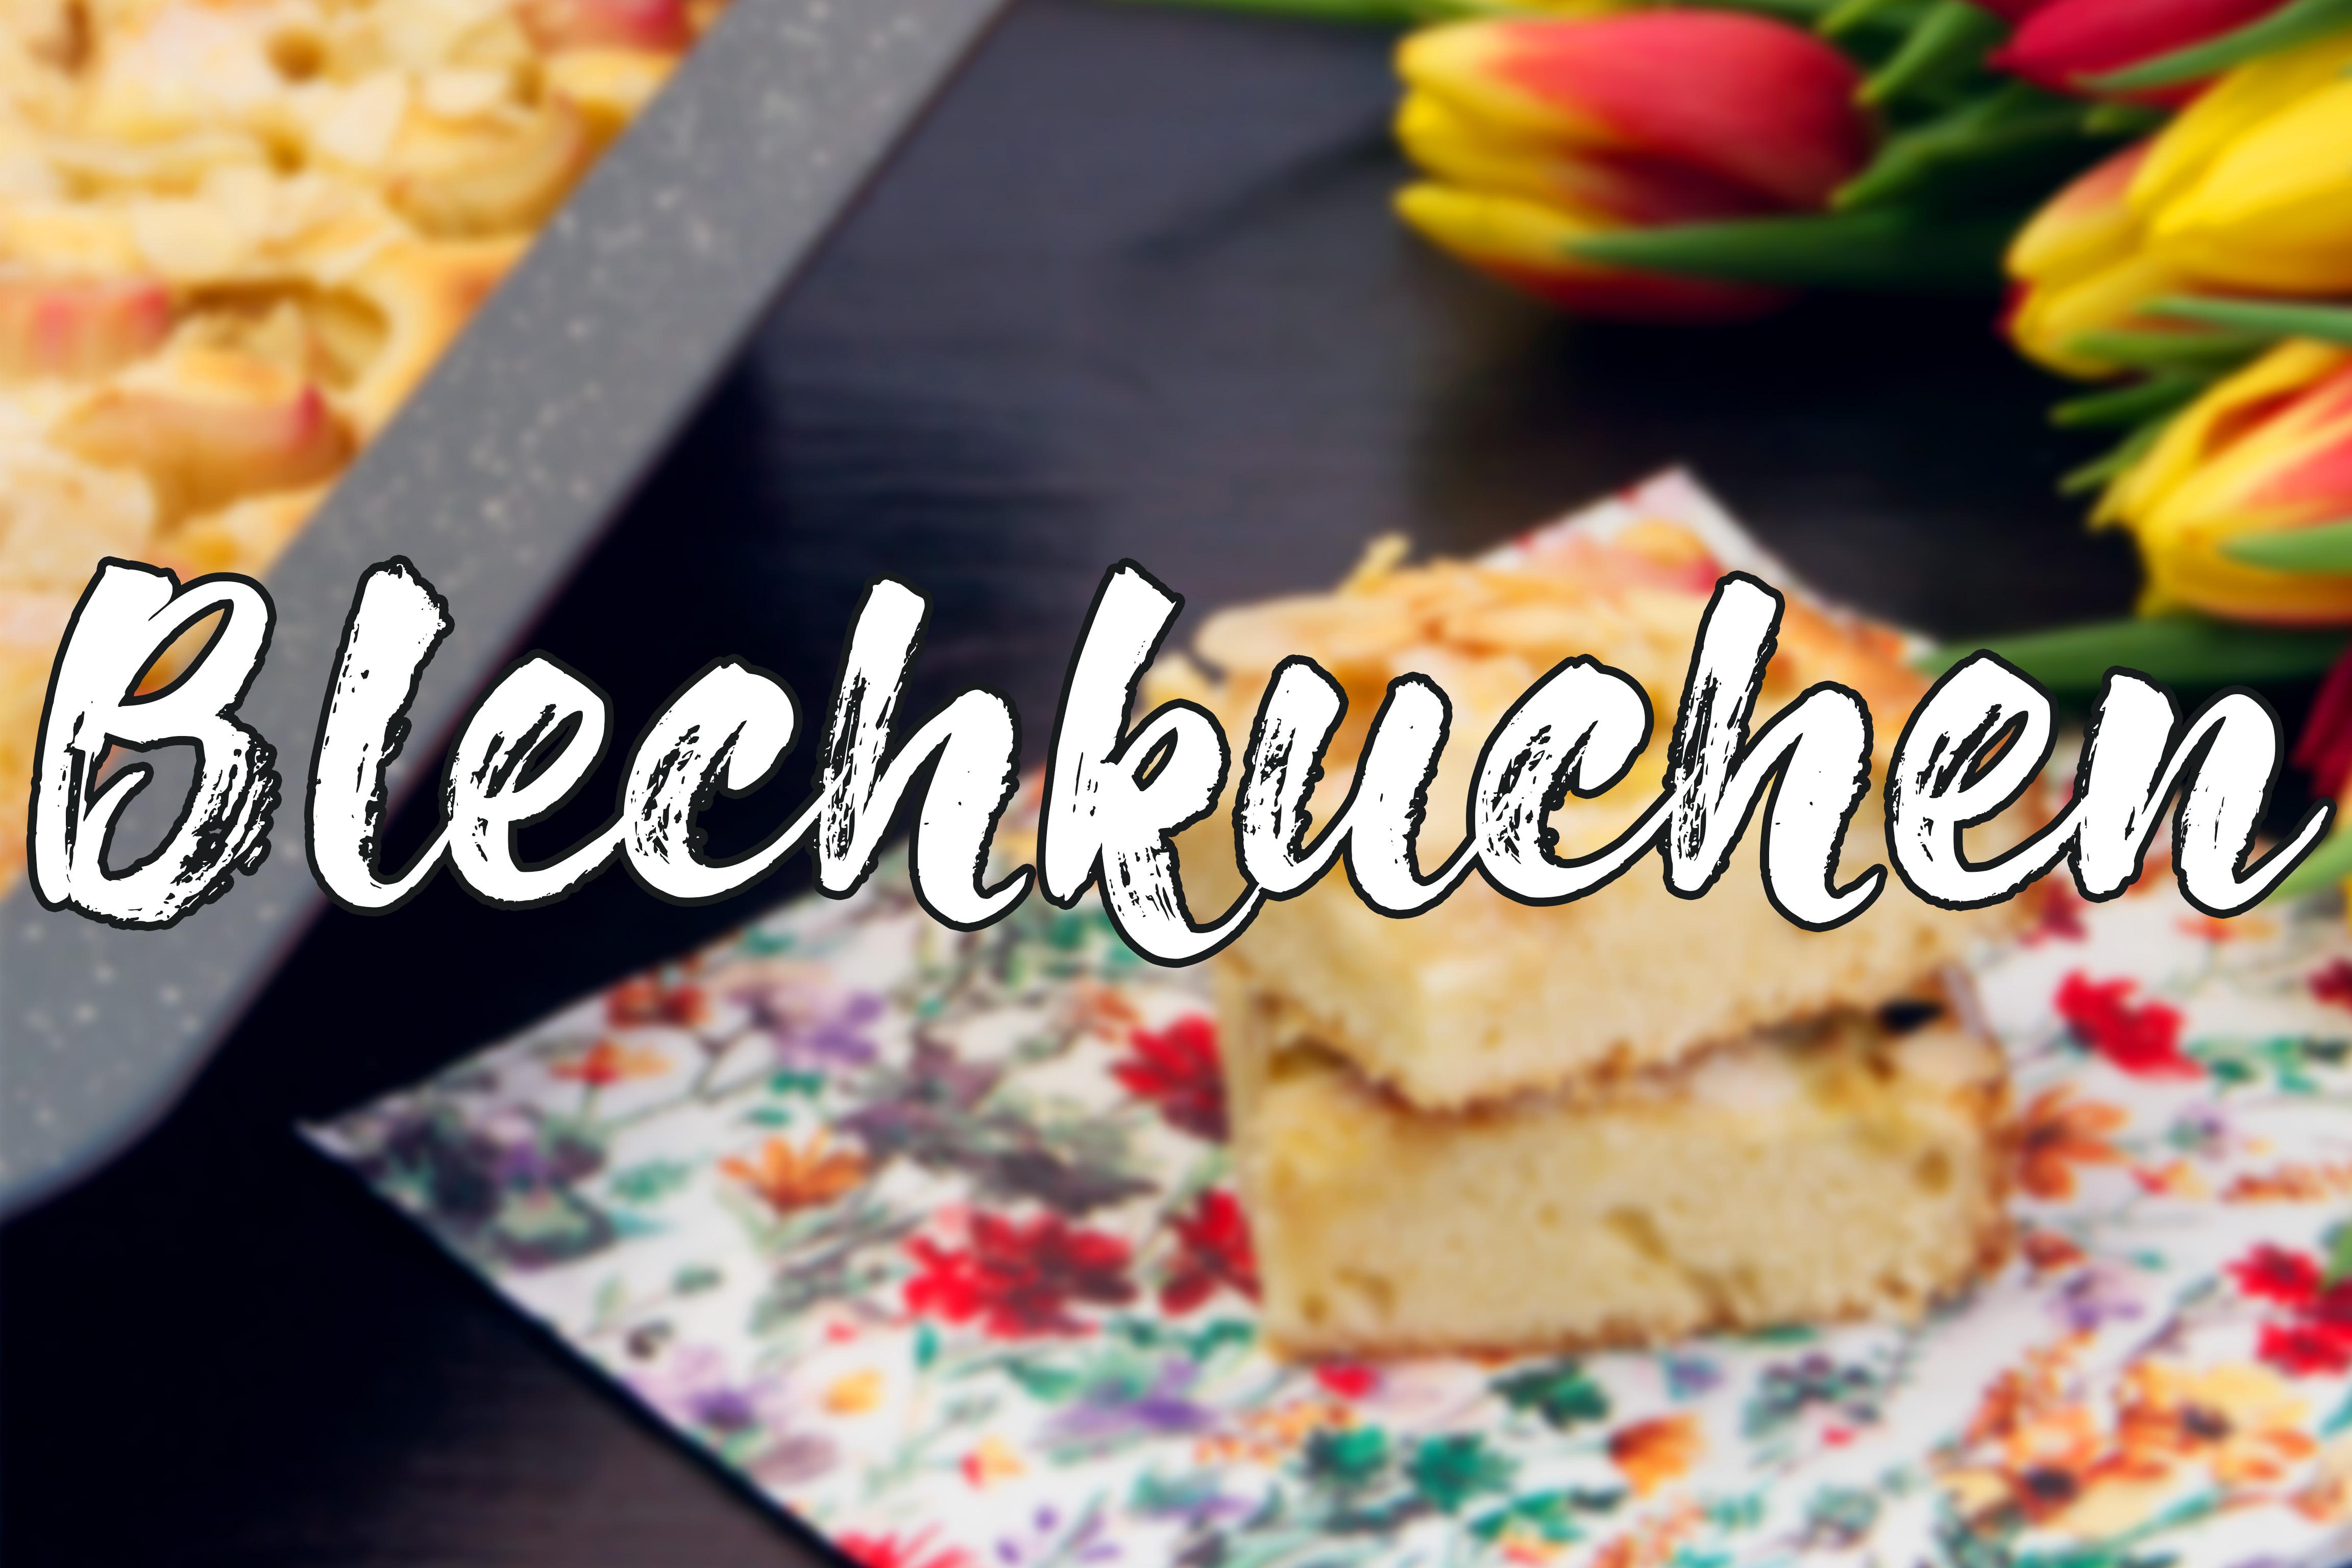 Blechkuchen, Blechkuchen Ideen, ideen, backen, rezepte, rezept, selber machen, blechkuchen rezepte, kuchen,